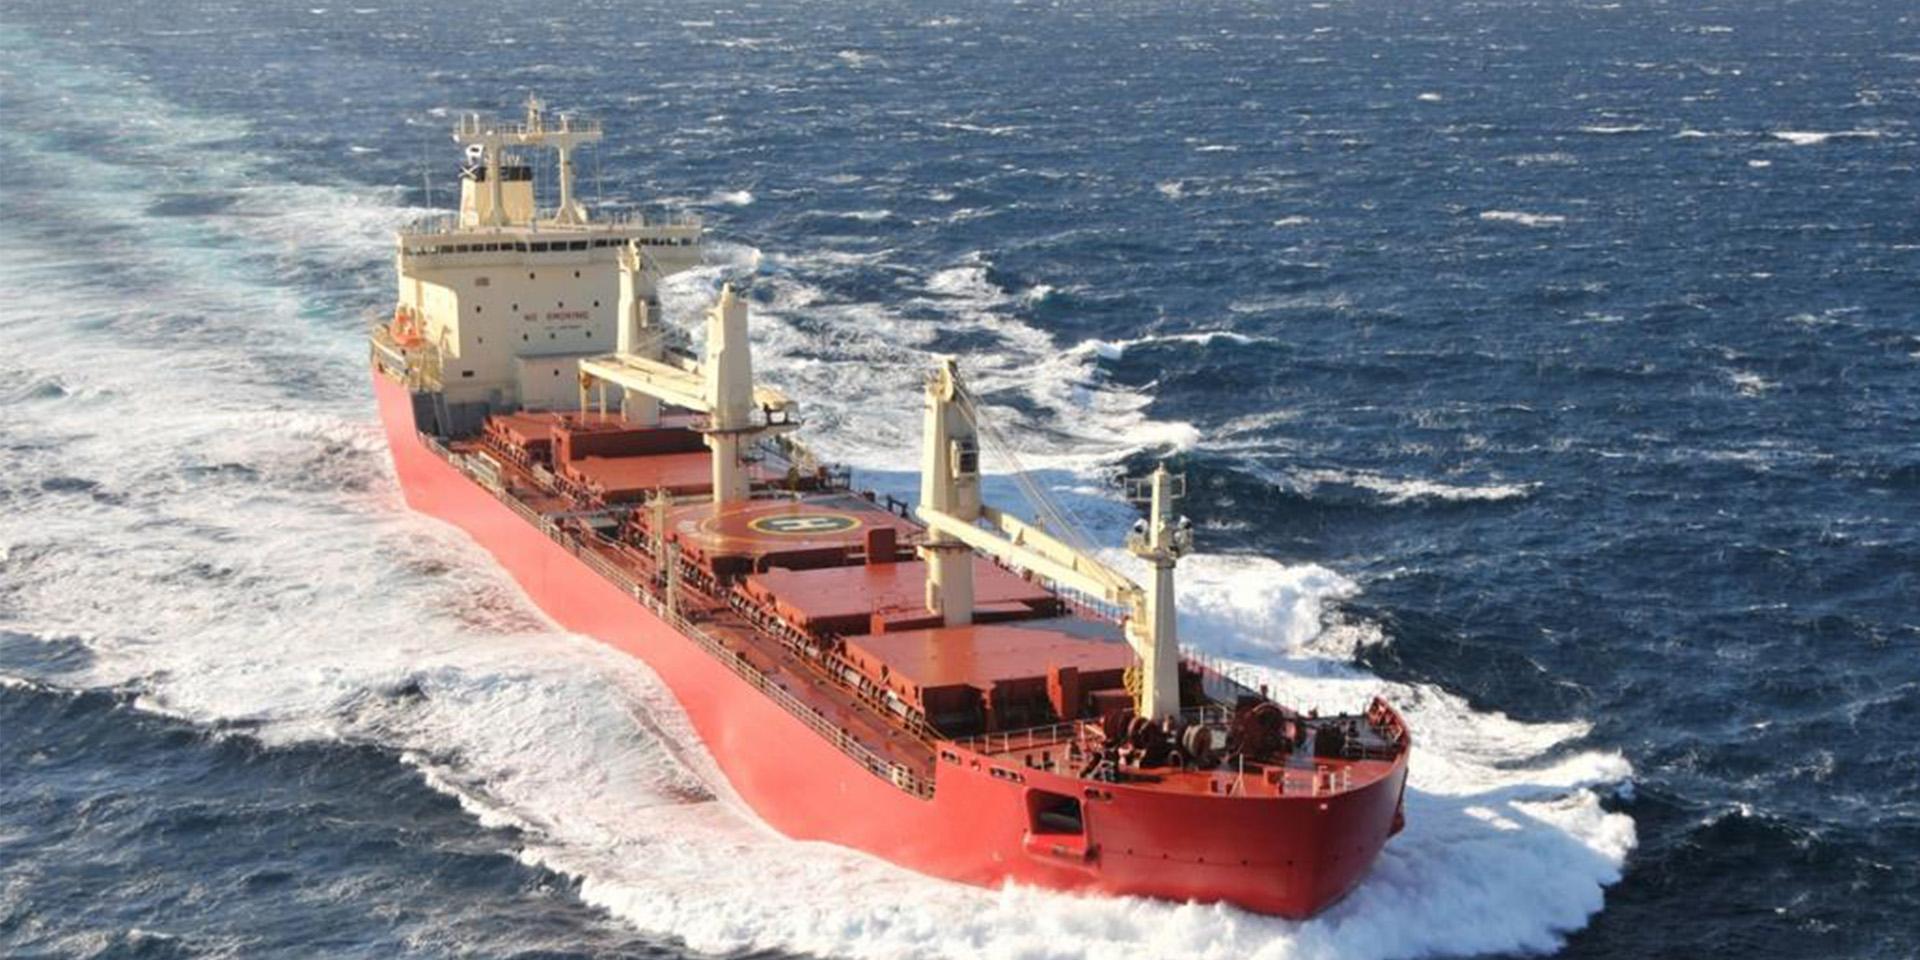 Med Sea Shipping - Lebanon